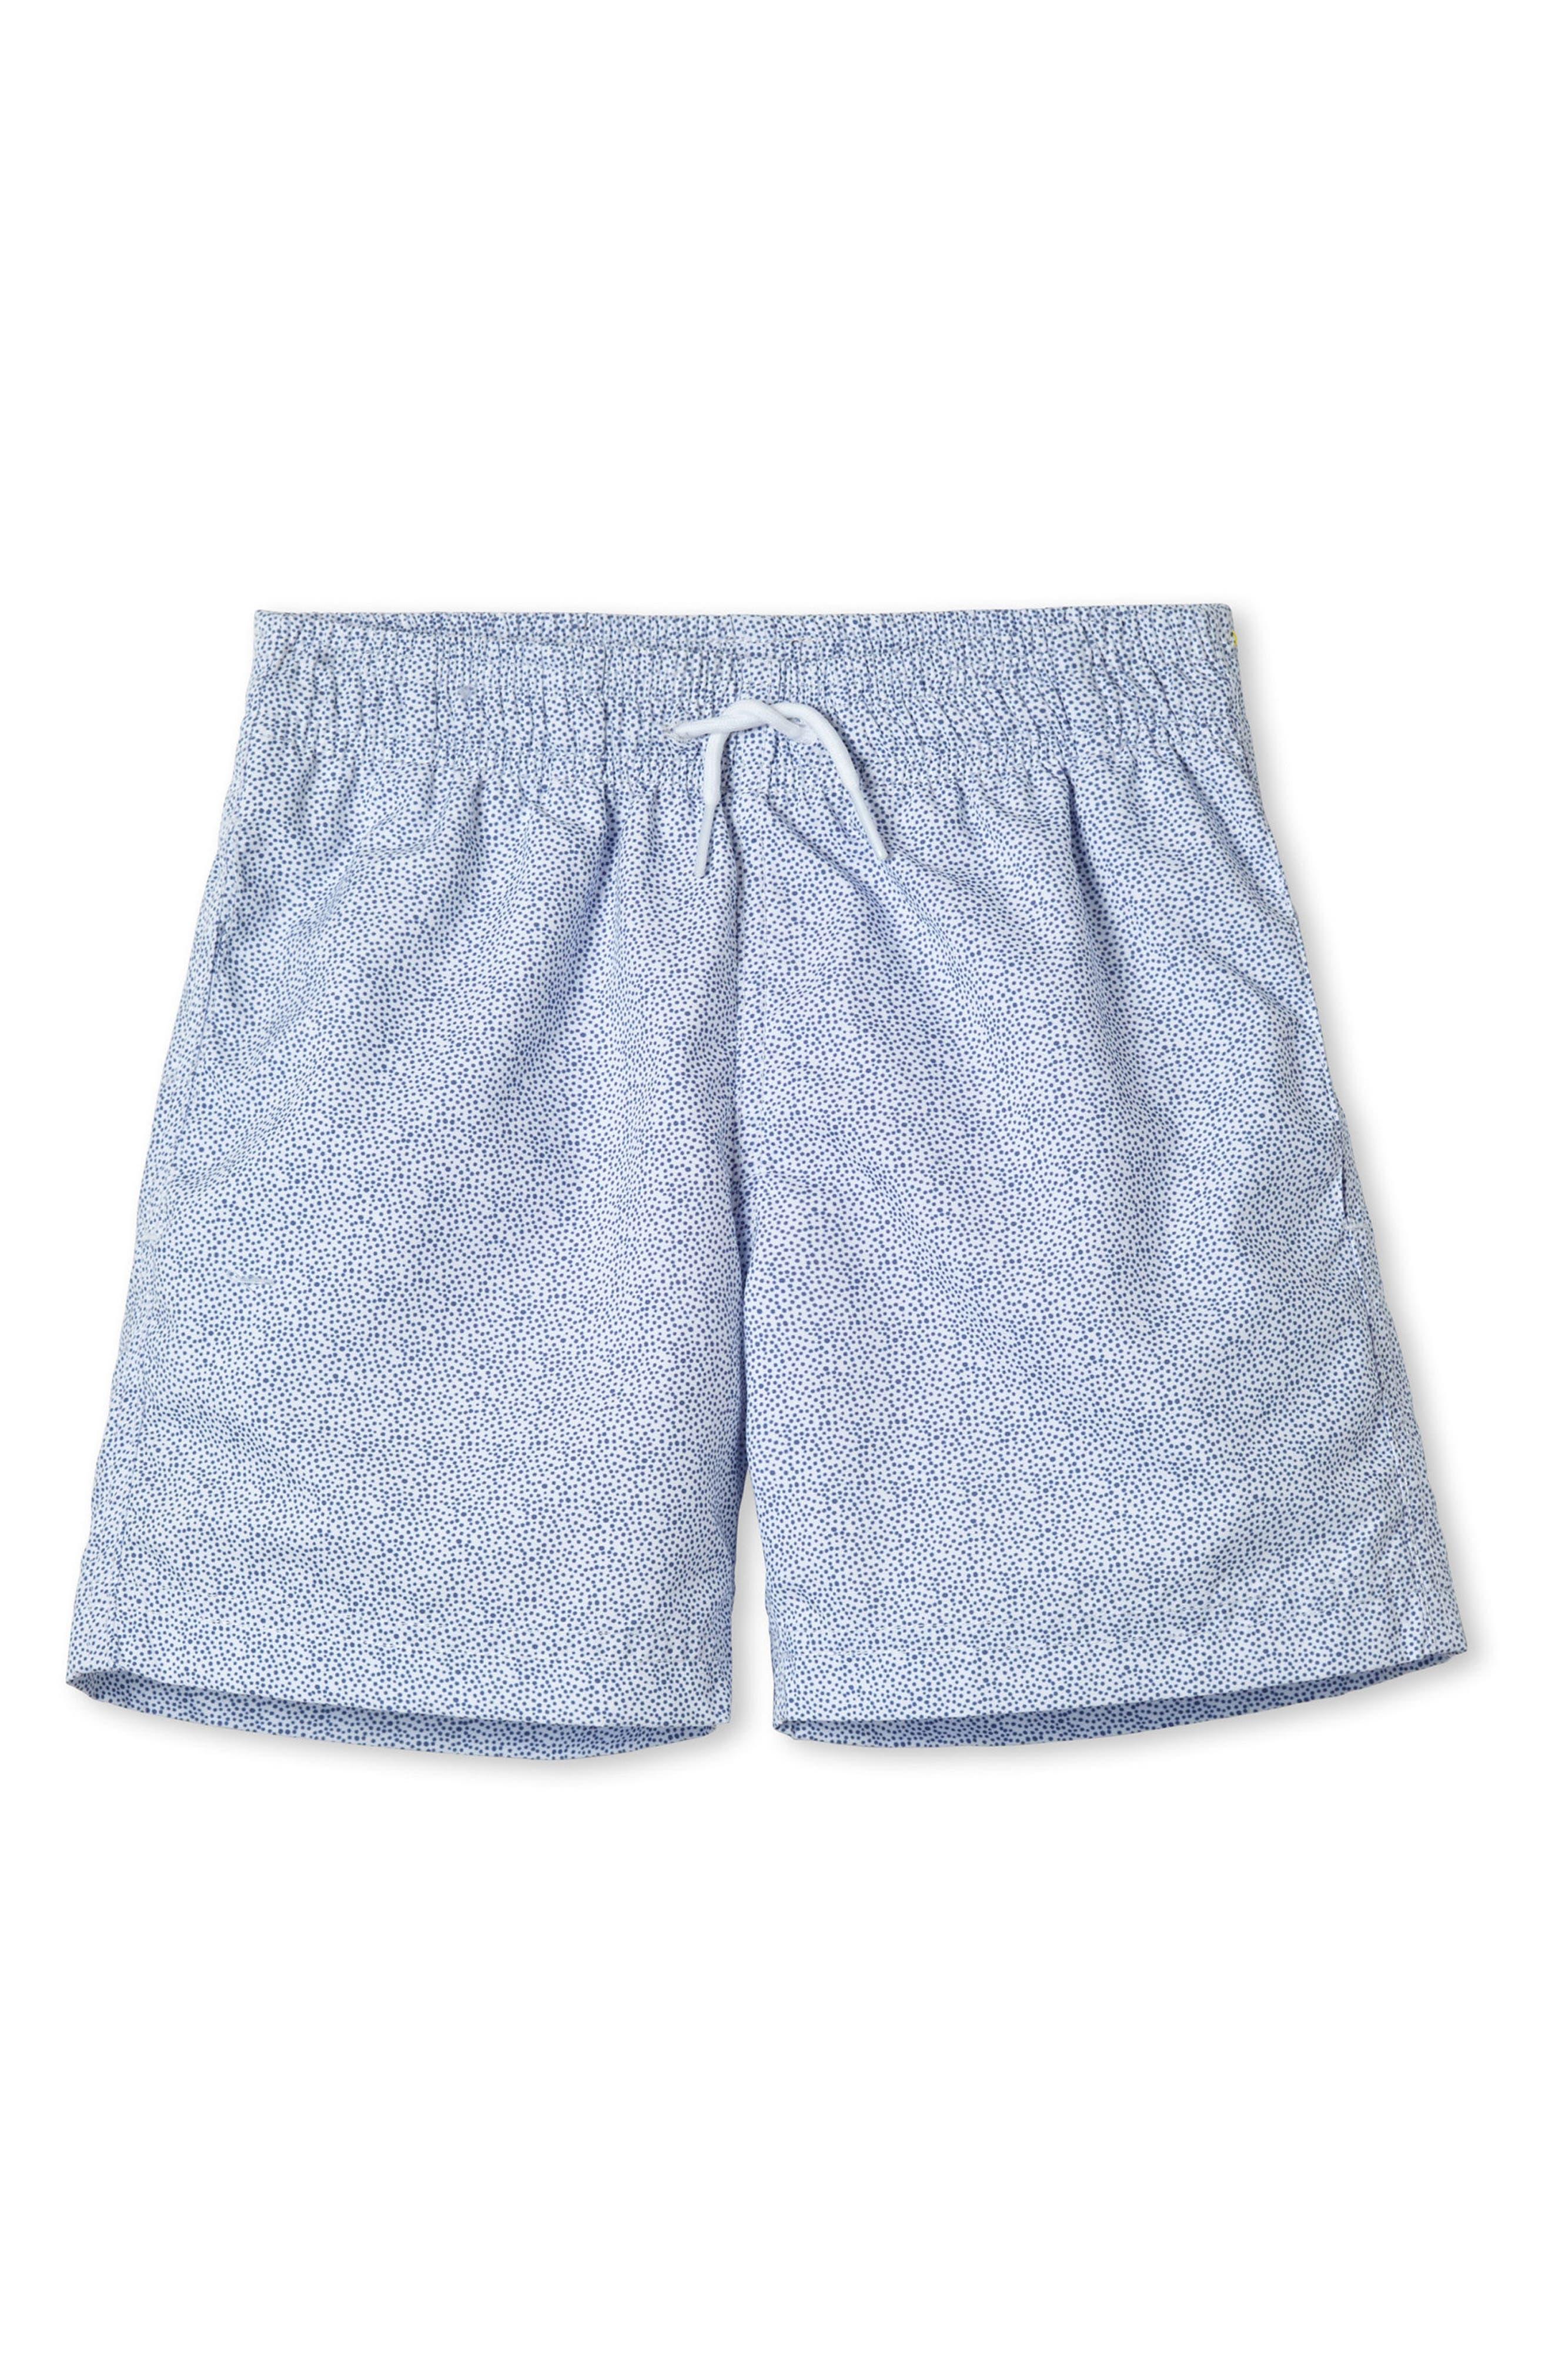 Alternate Image 1 Selected - Stella Cove Blue Pebble Print Swim Trunks (Toddler Boys & Little Boys)